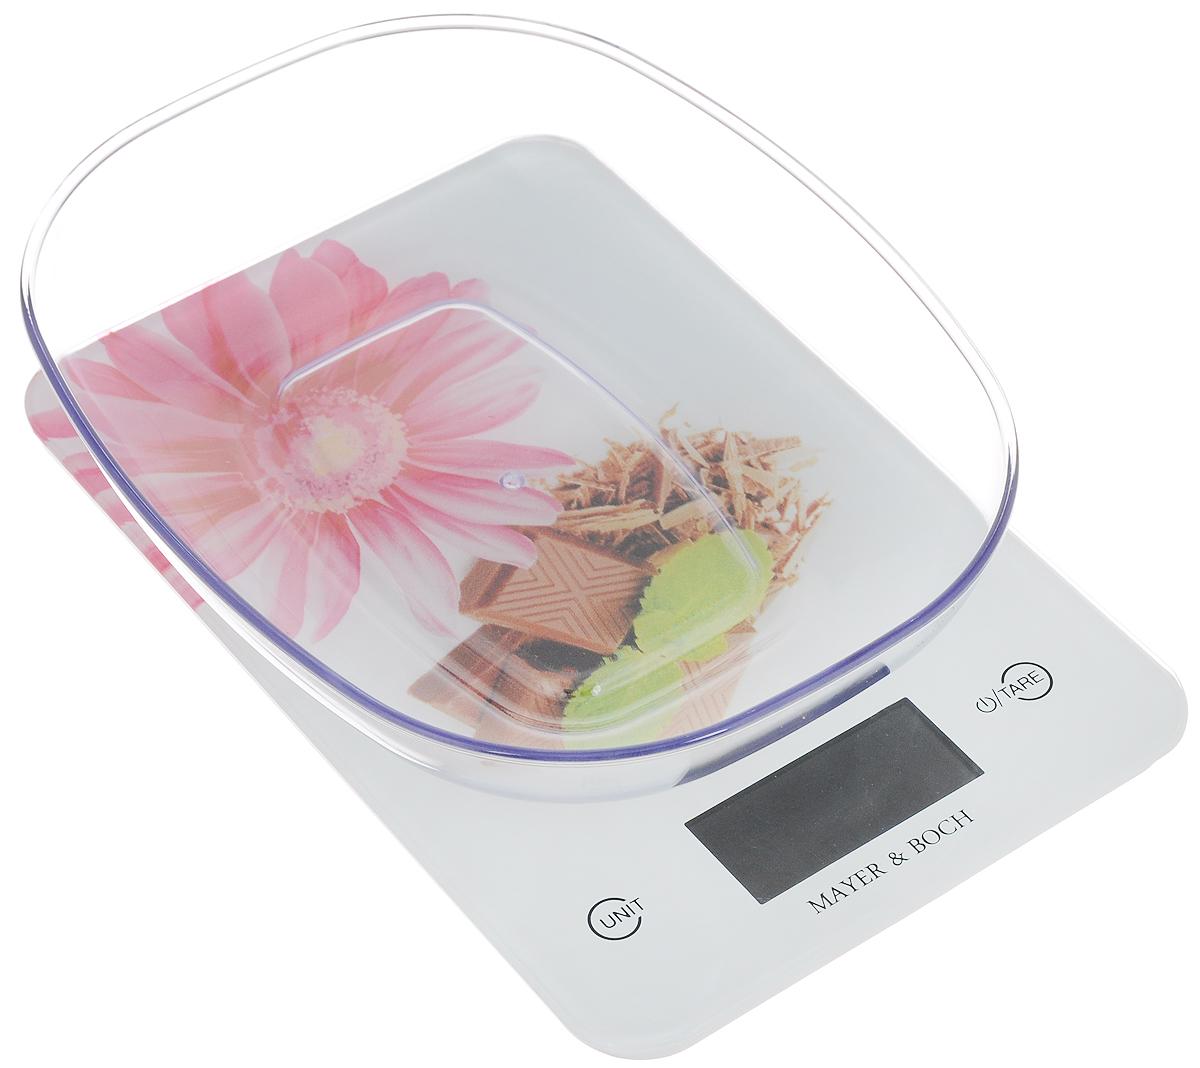 Весы кухонные Mayer & Bosh, с чашей, цвет: белый, розовый, коричневый, до 5 кг. 1096010960Кухонные весы Mayer & Boch изготовлены из высококачественного пластика. Изделие оснащено акриловой панелью и съемной чашей. Весы имеют цифровой LCD-дисплей с функцией автоматического отключения и тарокомпенсации, а также мощный процессор и тензометрический датчик высокой прочности. Кухонные весы Mayer & Boch пригодятся на любой кухне и станут прекрасным дополнением к набору вашей мелкой бытовой техники. Используя их, вы сможете готовить блюда, точно следуя предложенной рецептуре, что немаловажно при приготовлении сложных блюд, соусов и выпечки.Оригинальные, с ярким дизайном, такие весы украсят любую кухню и принесут радость каждой хозяйке. Нагрузка: 2 - 5000 г.Питание: ААА х 2 (входят в комплект).Размер весов: 23 х 15 х 1,5 см.Размер чаши: 22 х 17 х 4,5 см.